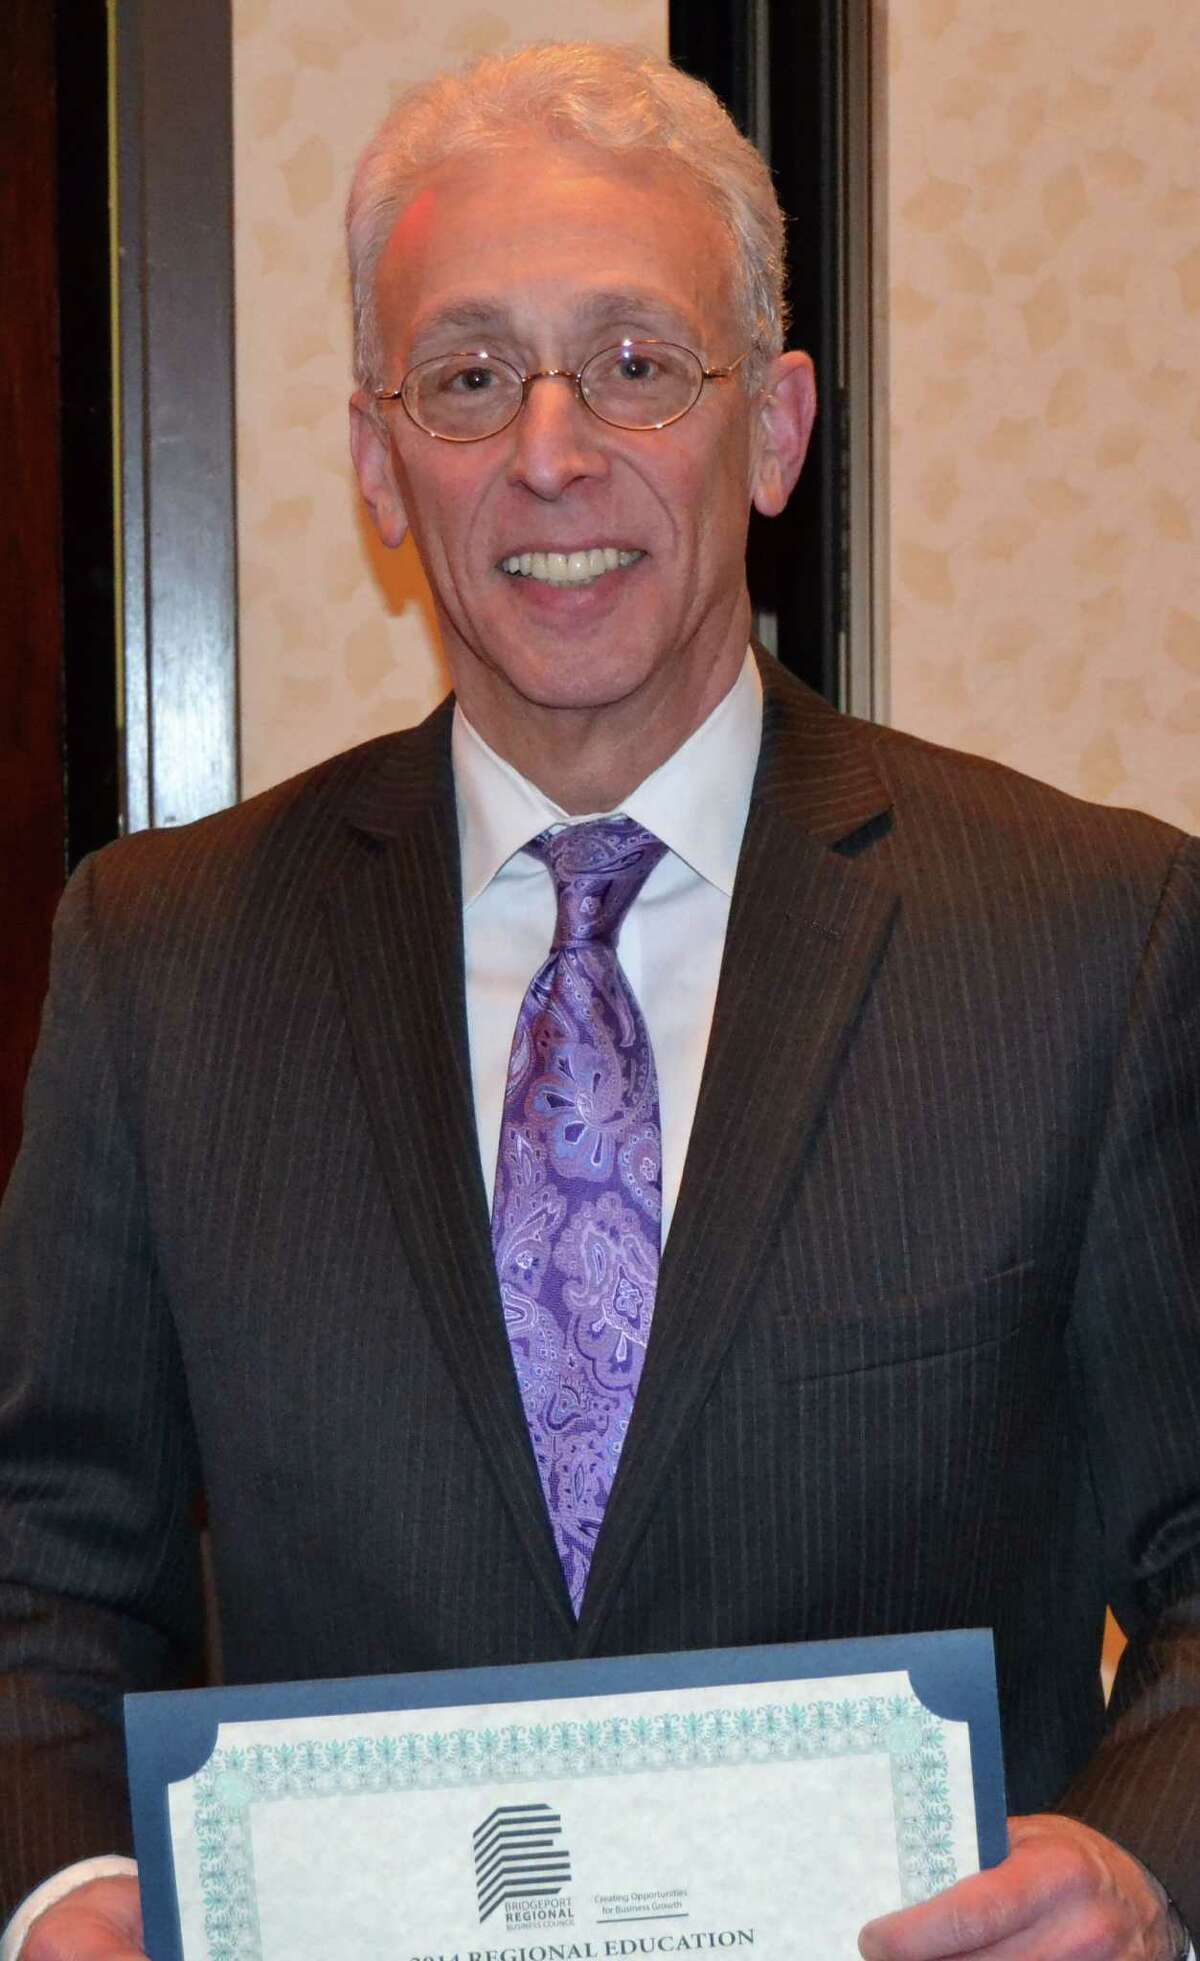 Evan Pitkoff